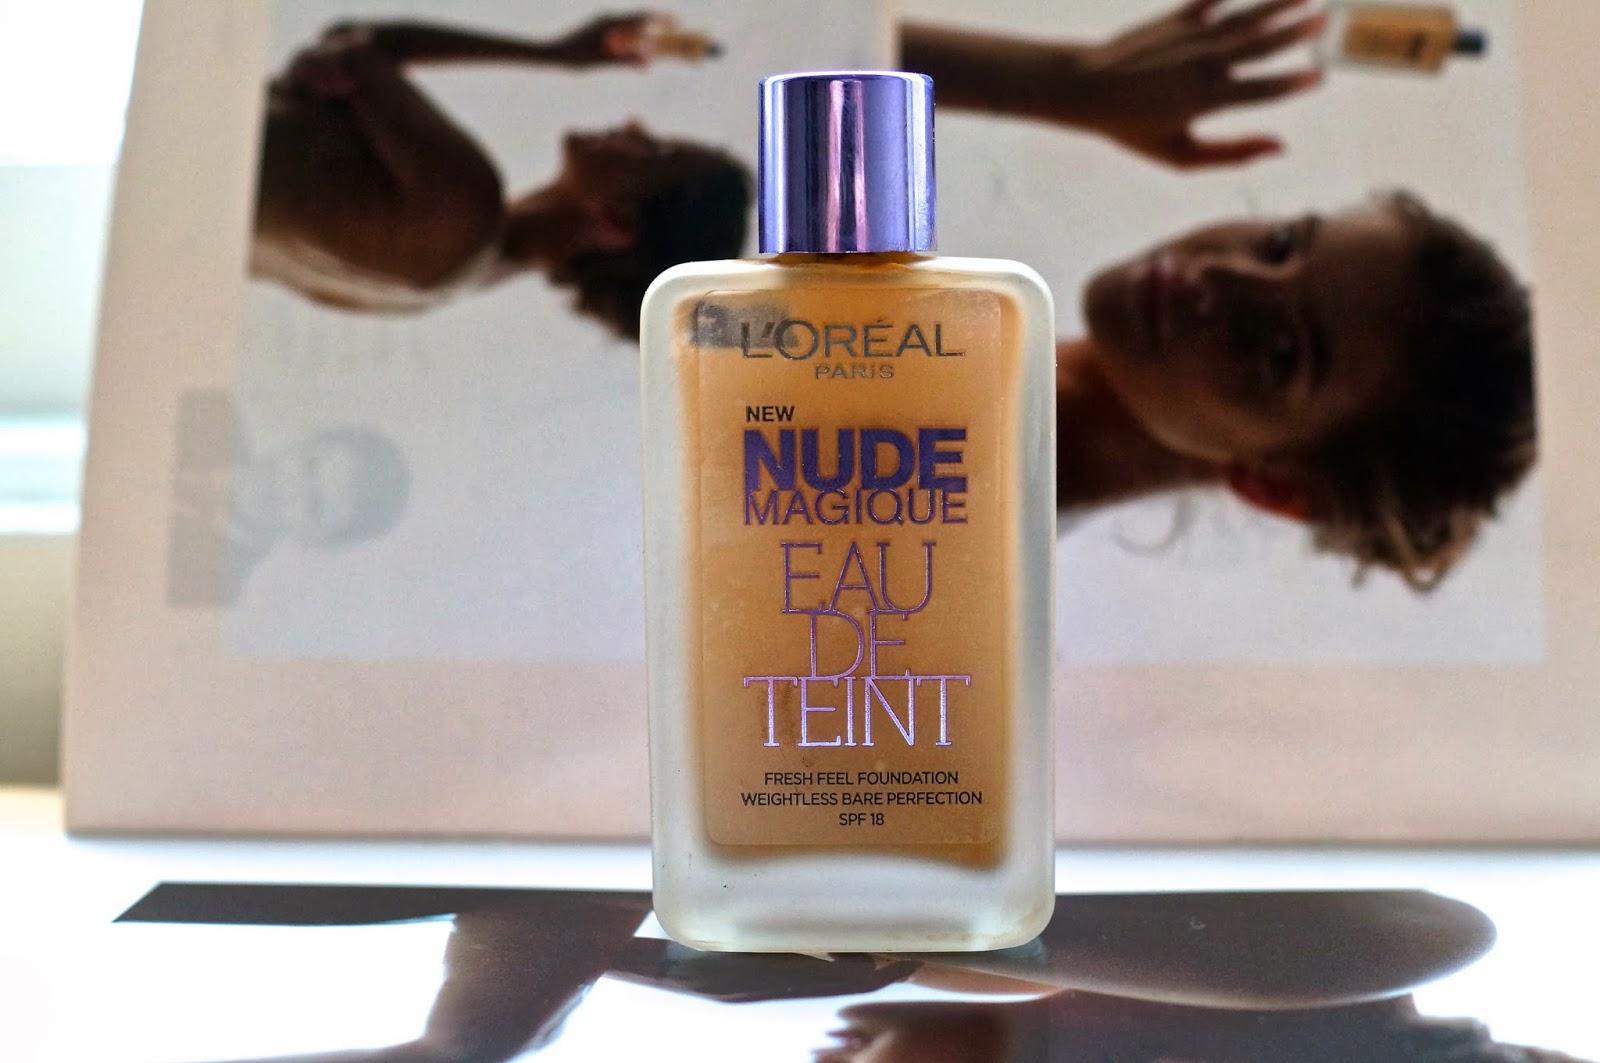 Review & Swatches : Loreal Nude Magique Eau De Teint